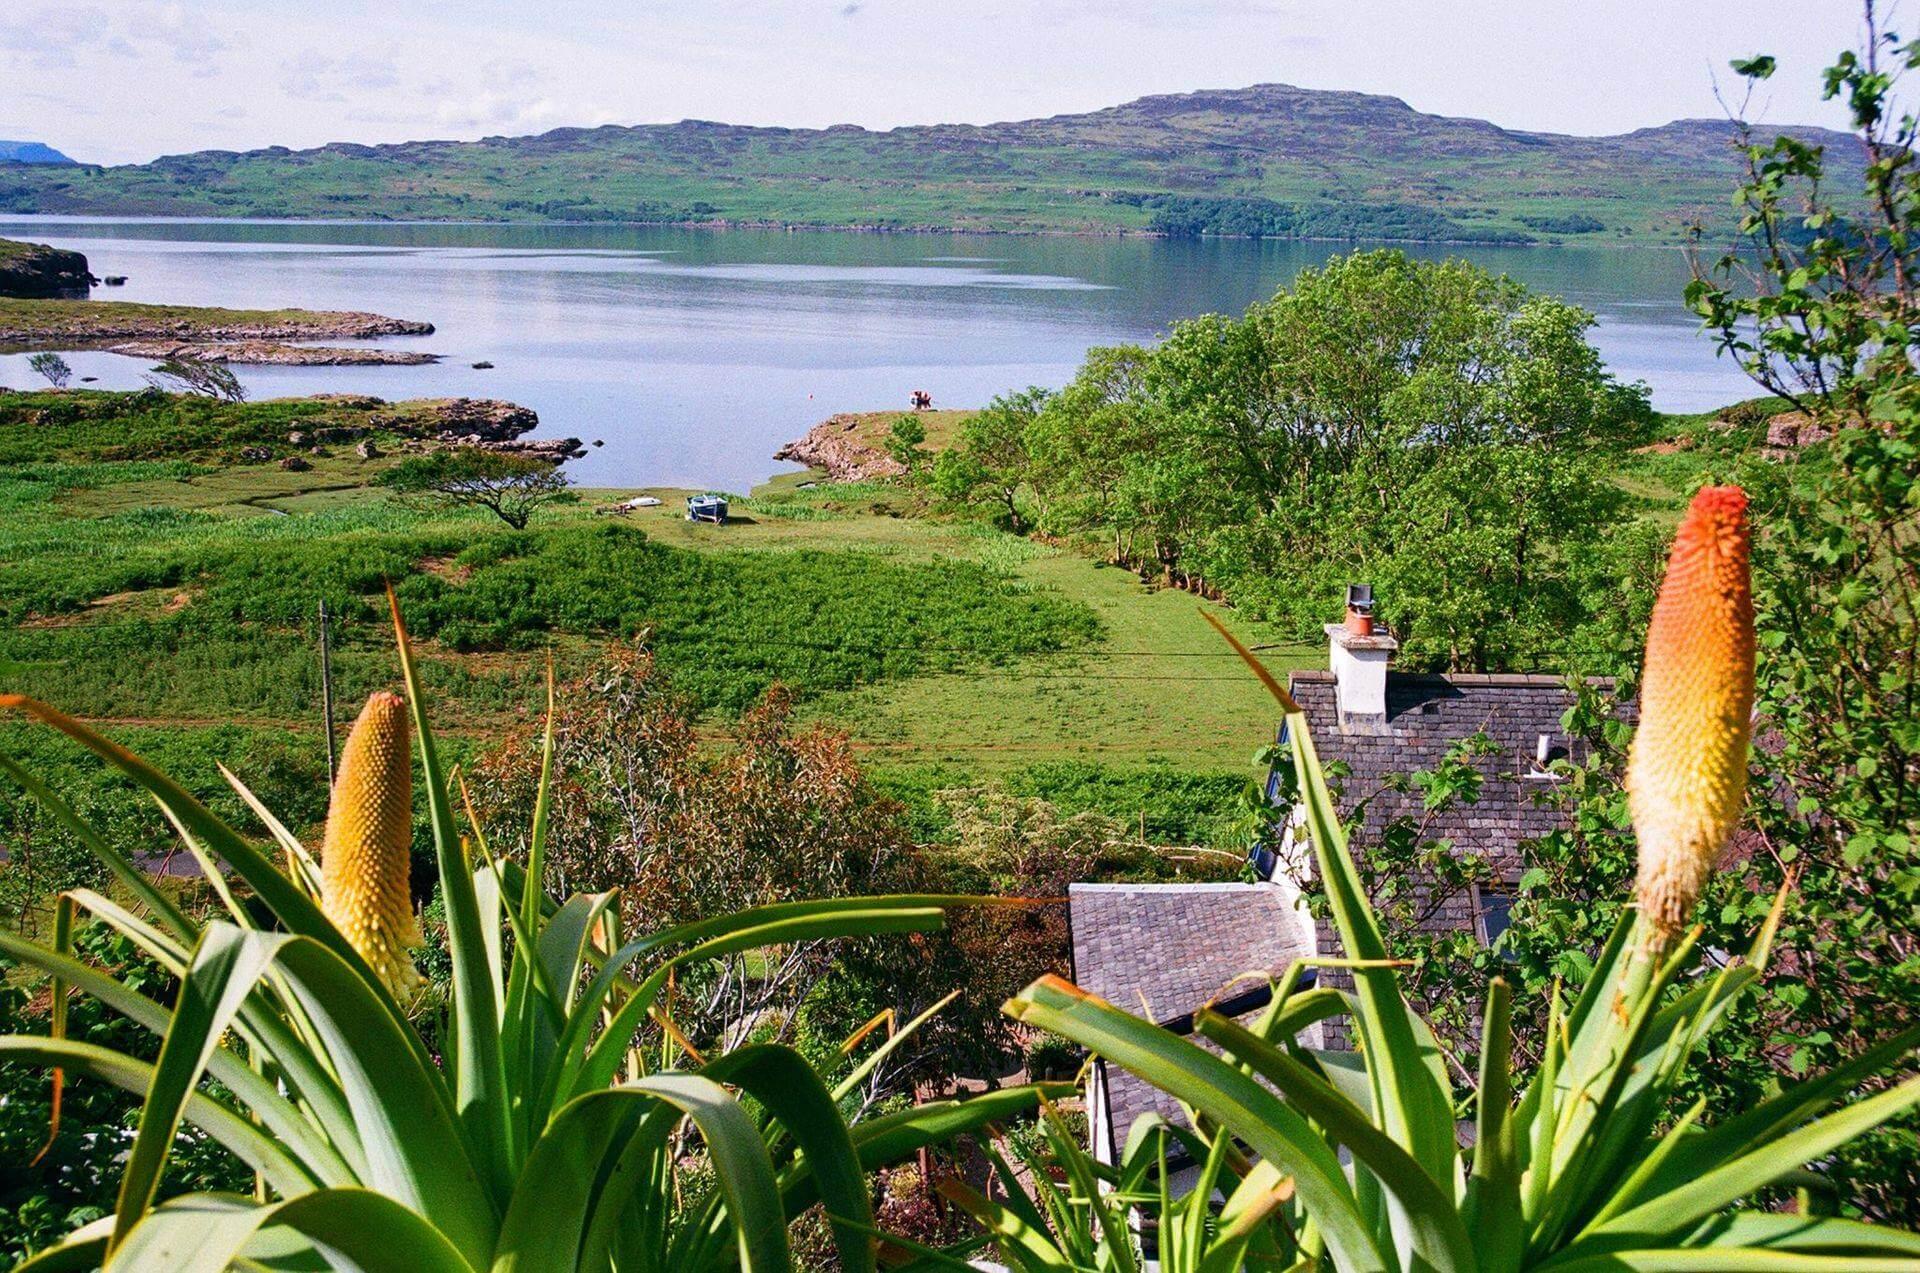 Lip na Cloiche Ballygown Isle of Mull